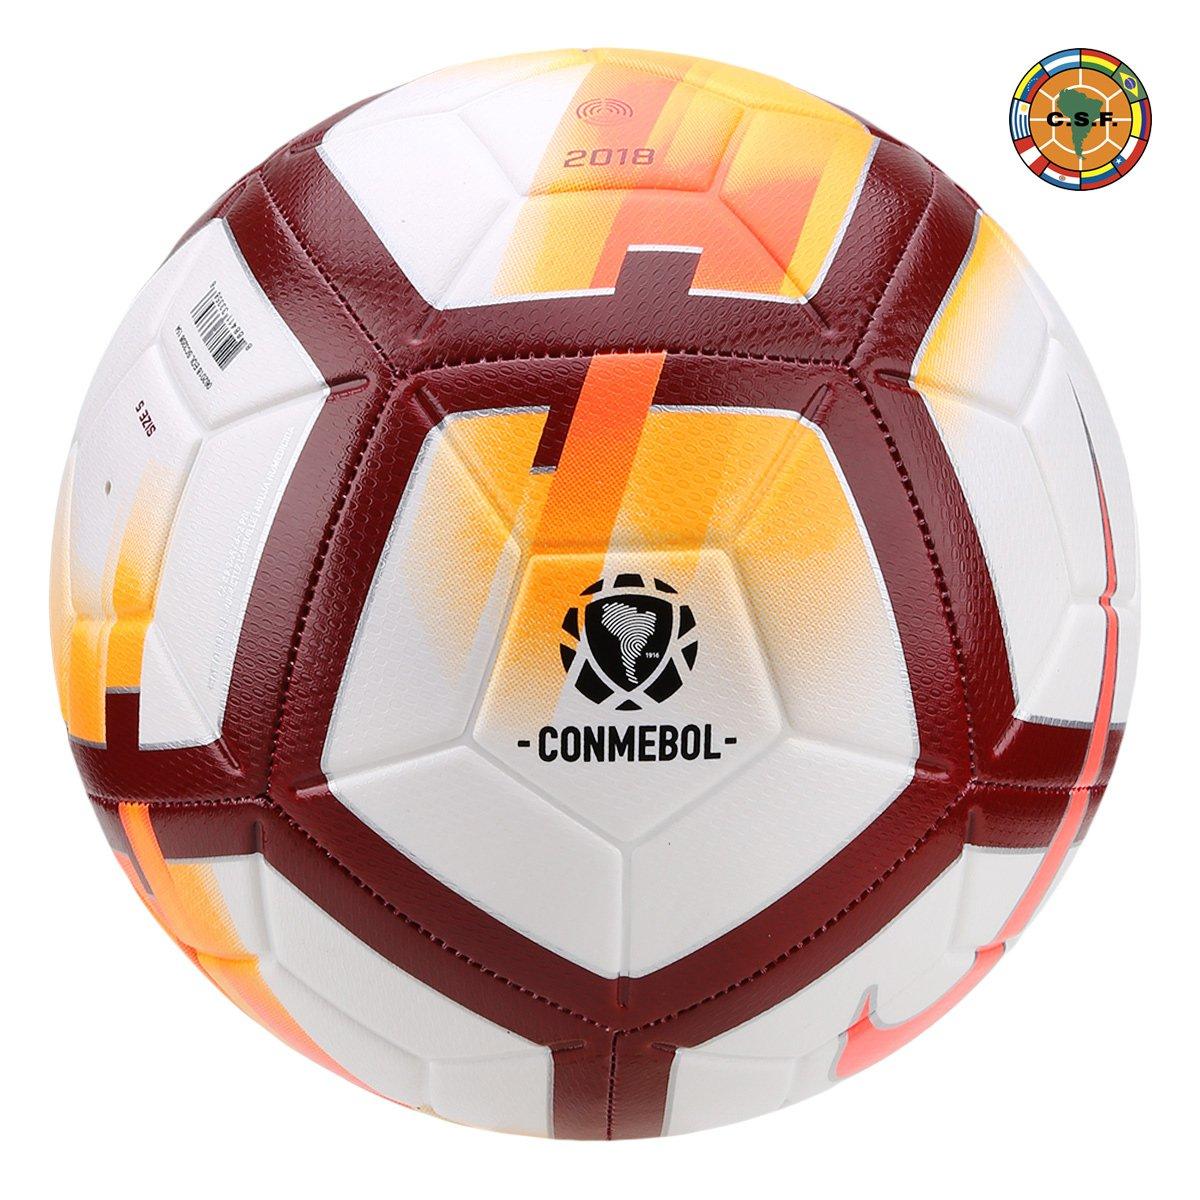 b0f72e01b4 Bola de Futebol Campo Nike CONMEBOL CSF Strike - Compre Agora